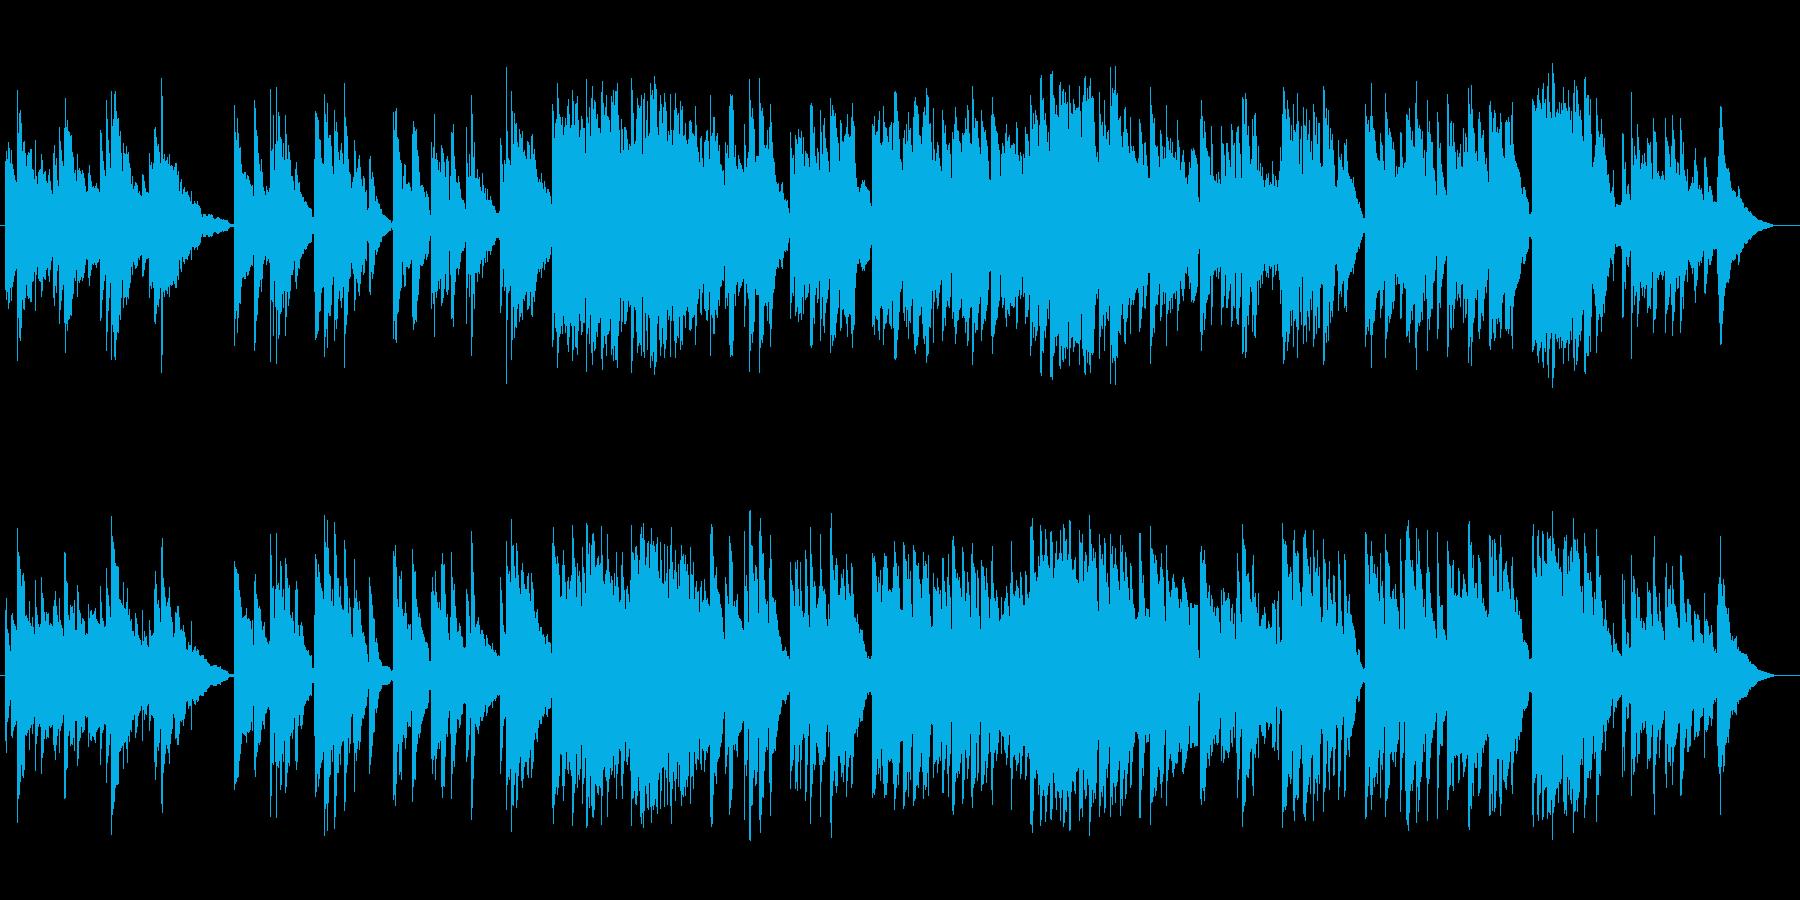 ゆったり美しいシンセ・ギターサウンドの再生済みの波形